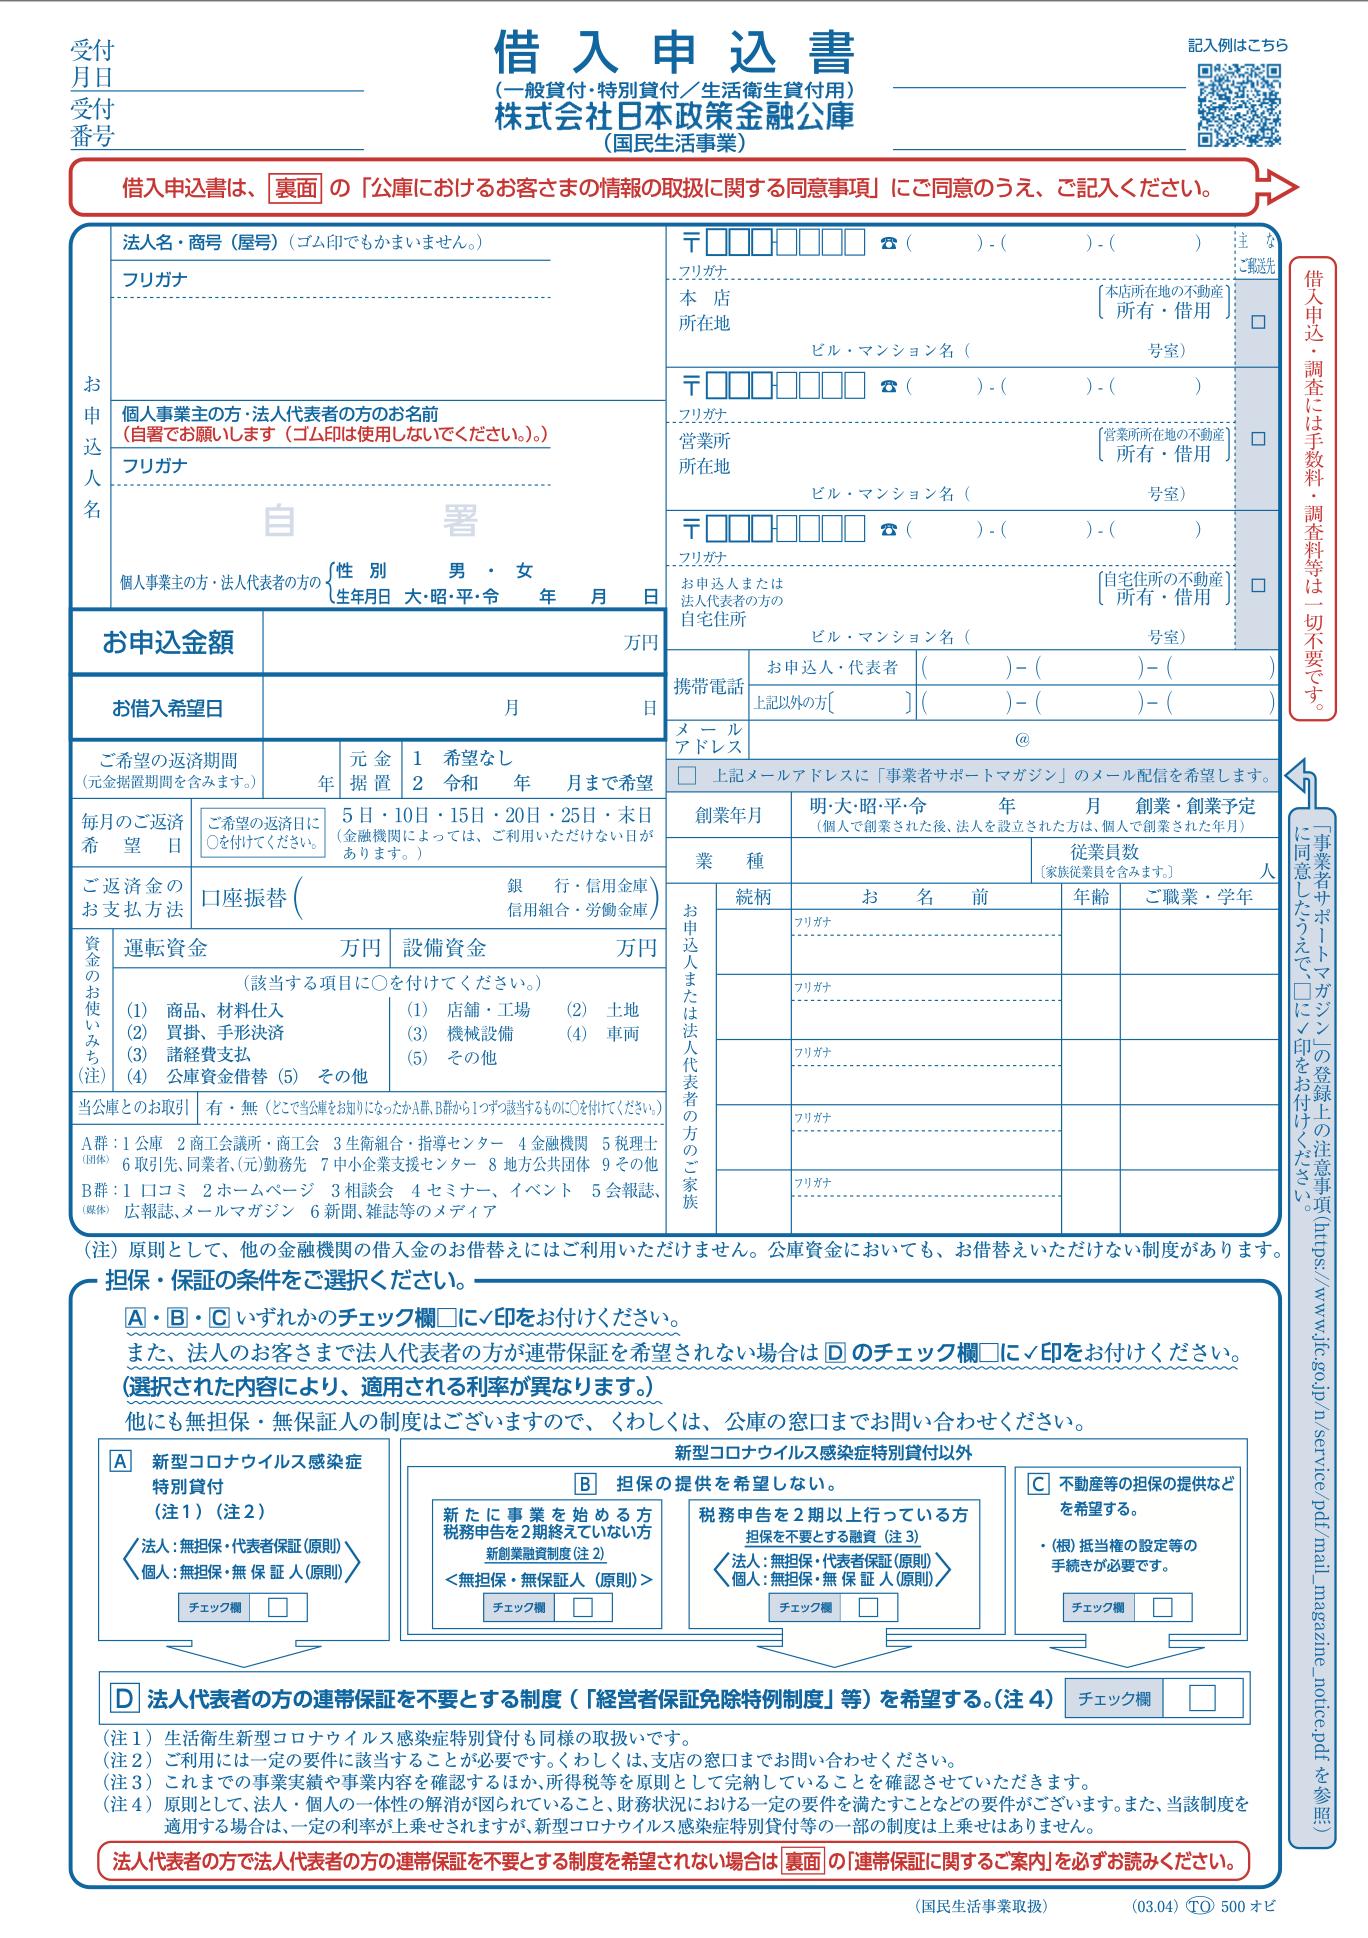 日本政策金融公庫借入申込書